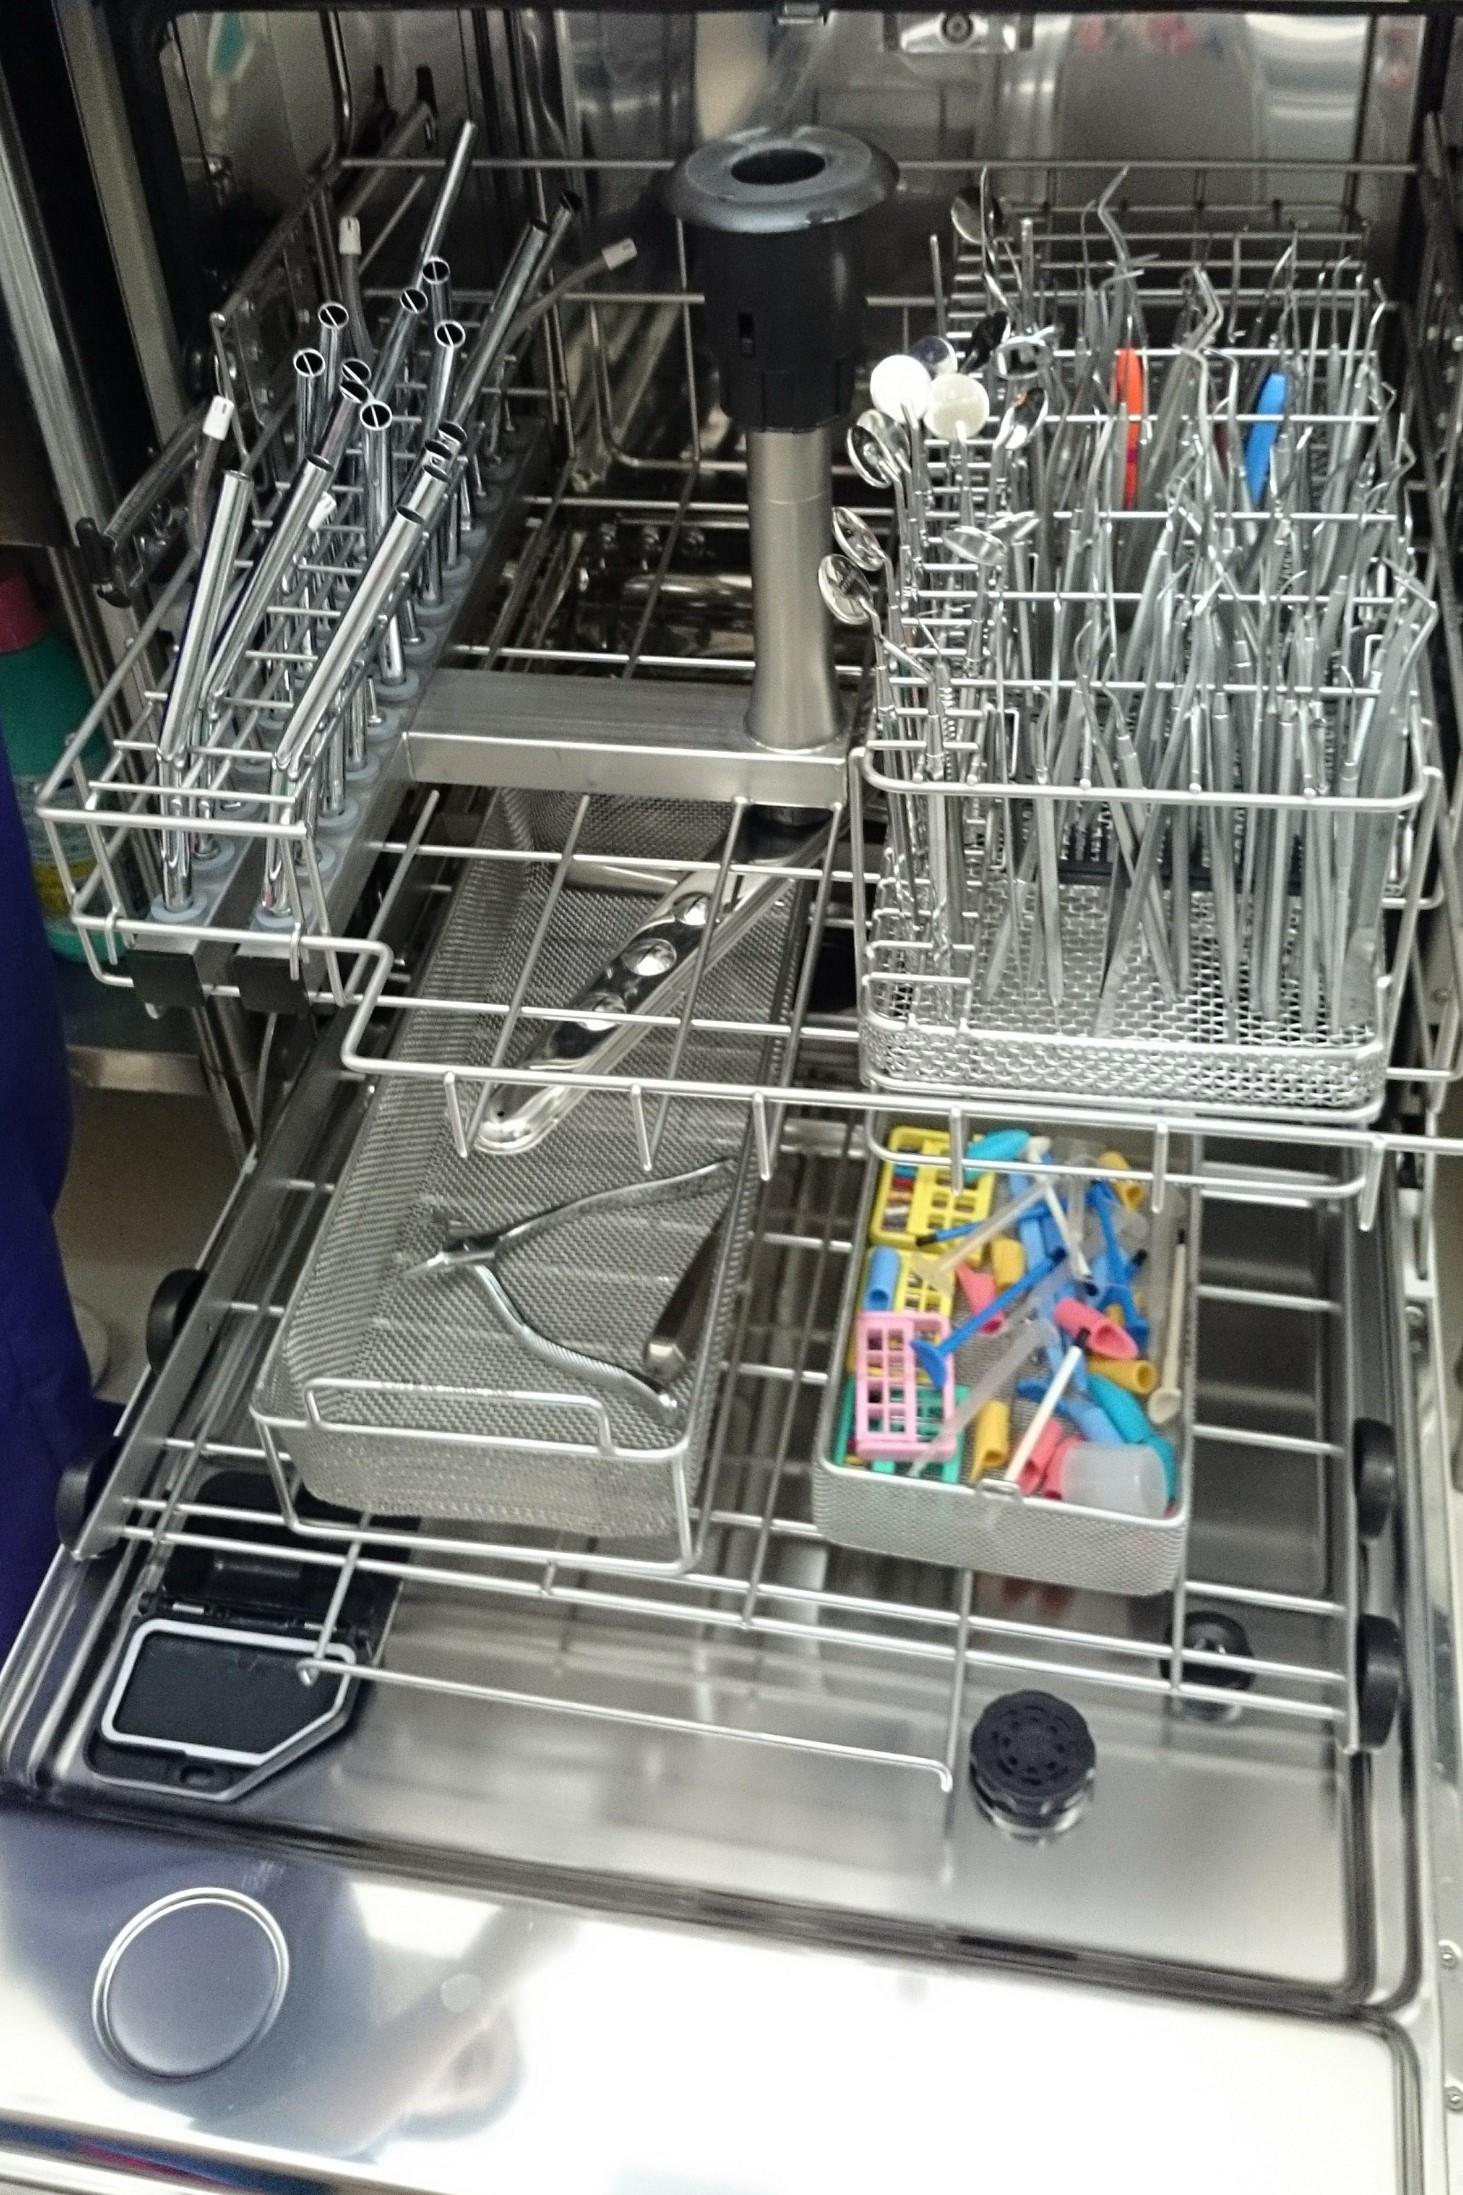 ウォッシャー・ディスインフェクター(Washer-Disinfectors)(洗浄消毒装置)1